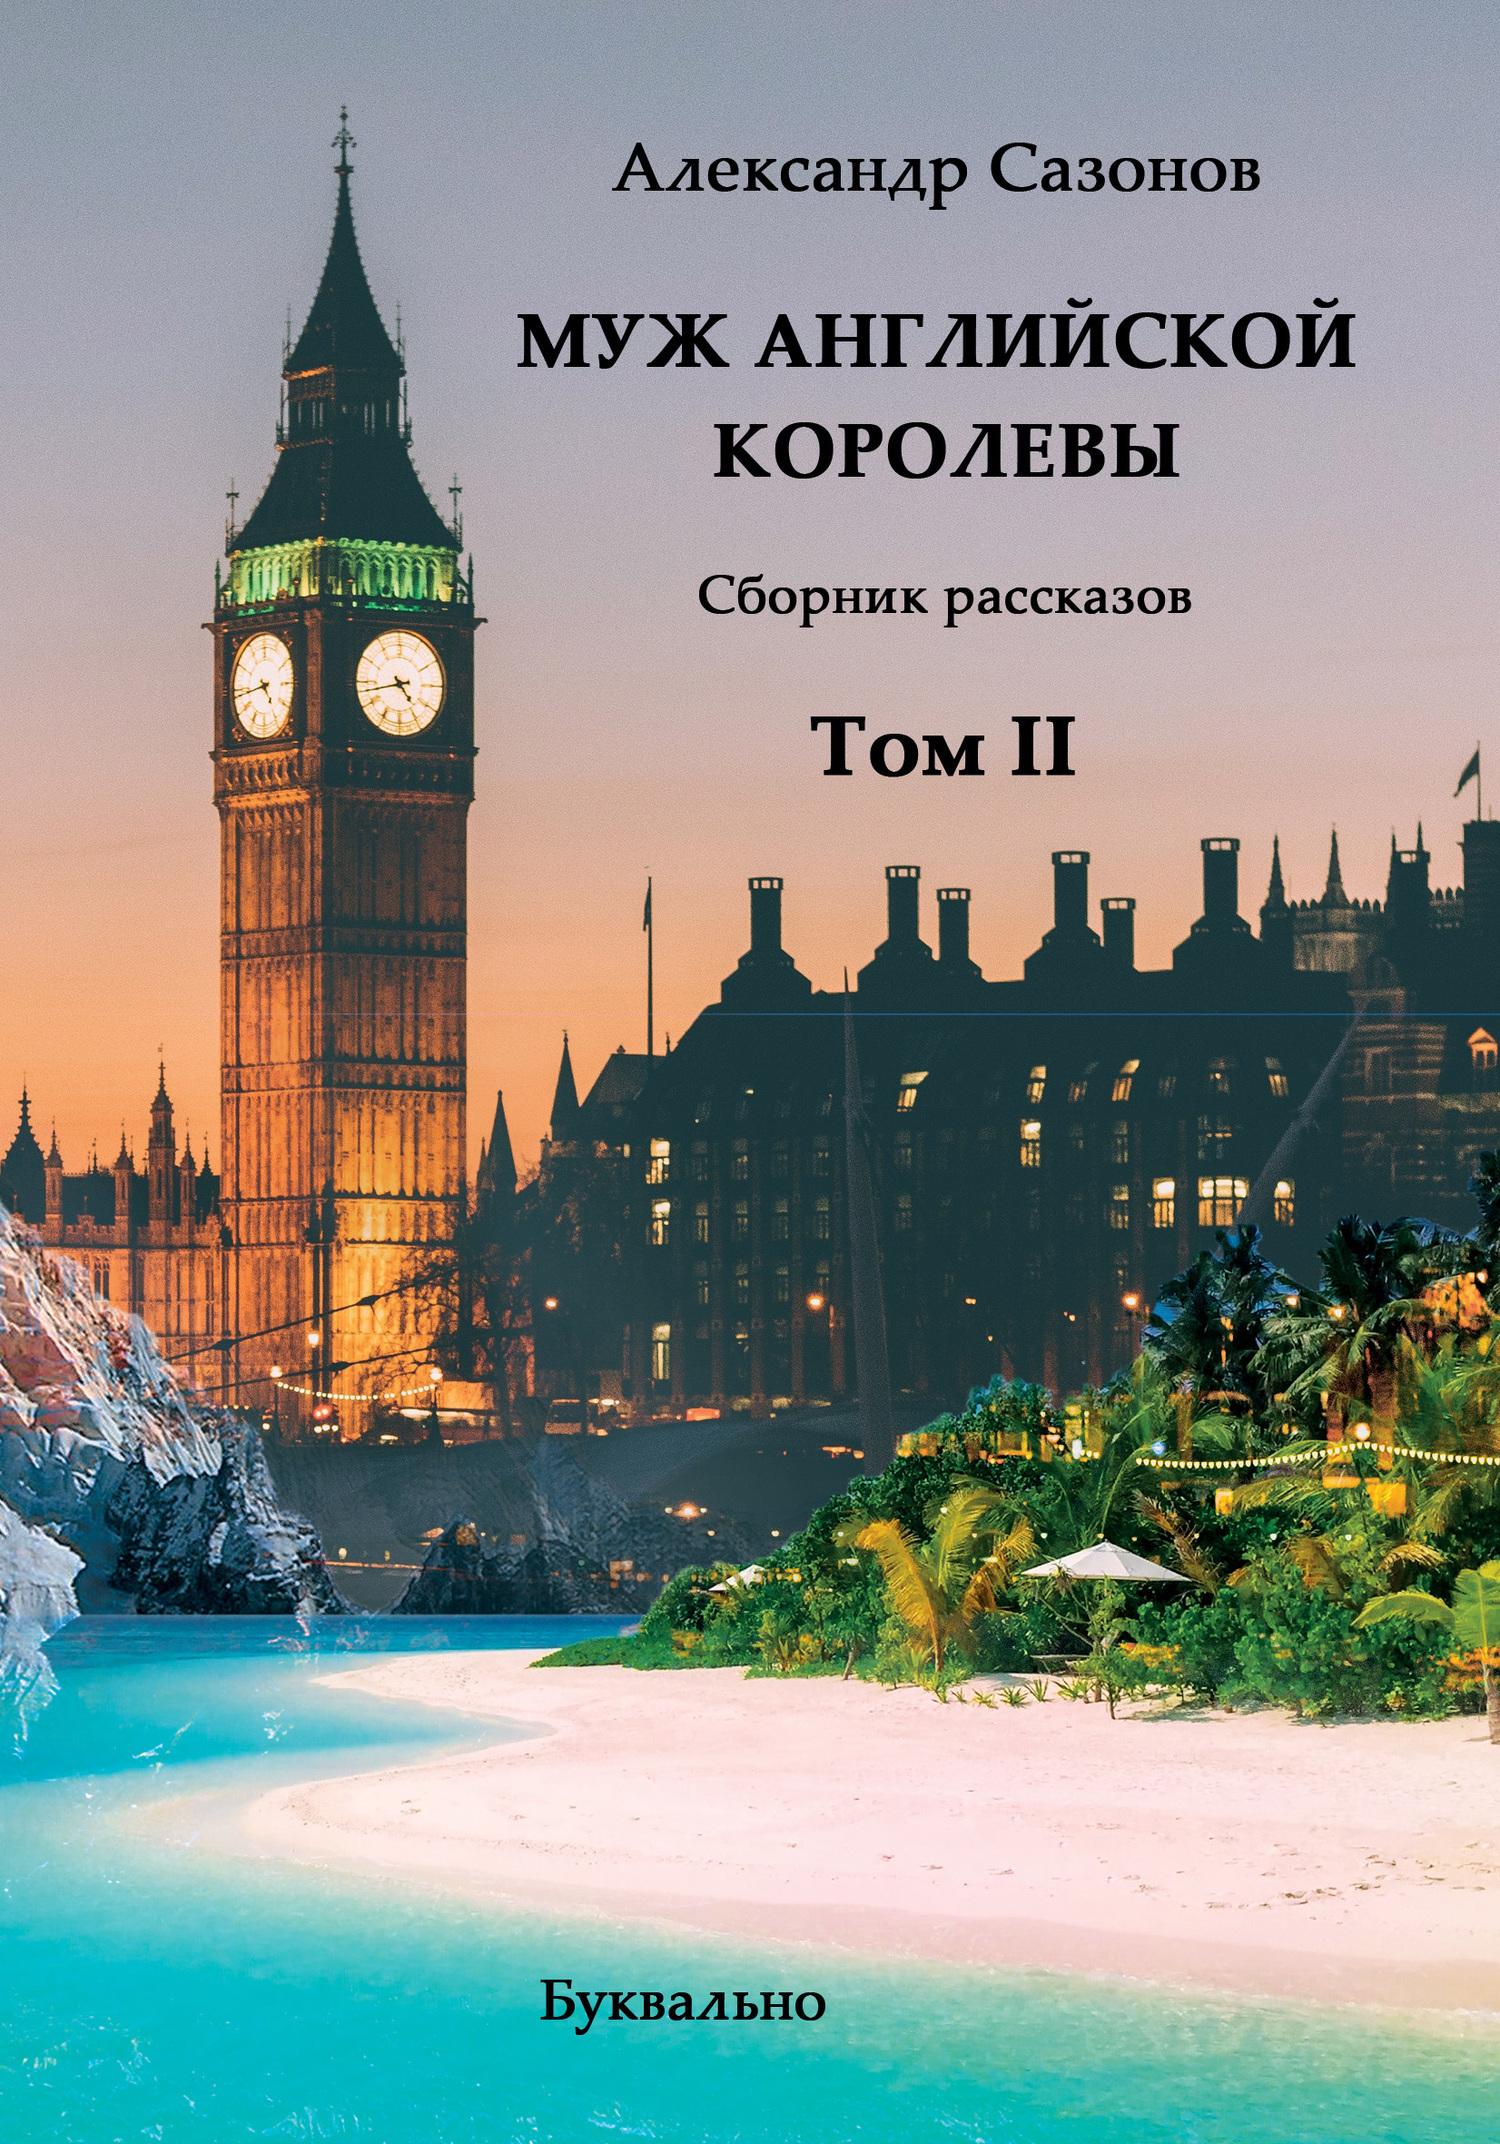 Сборник рассказов. Том II. Муж английской королевы